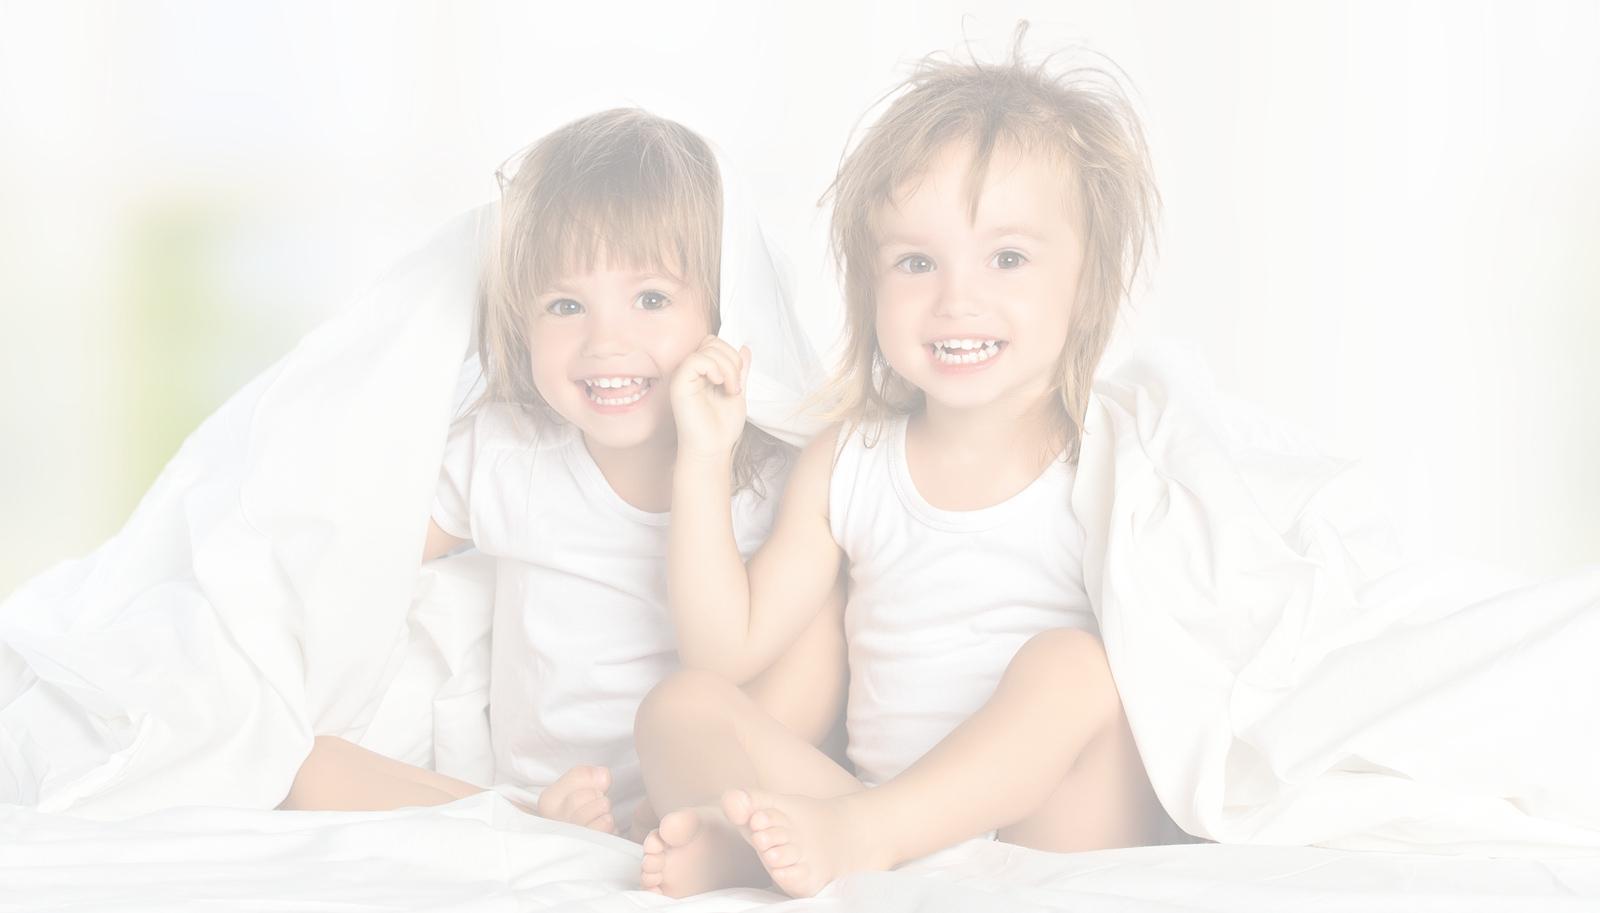 Specjalistyczne konsultacje dla dzieci i młodzieży